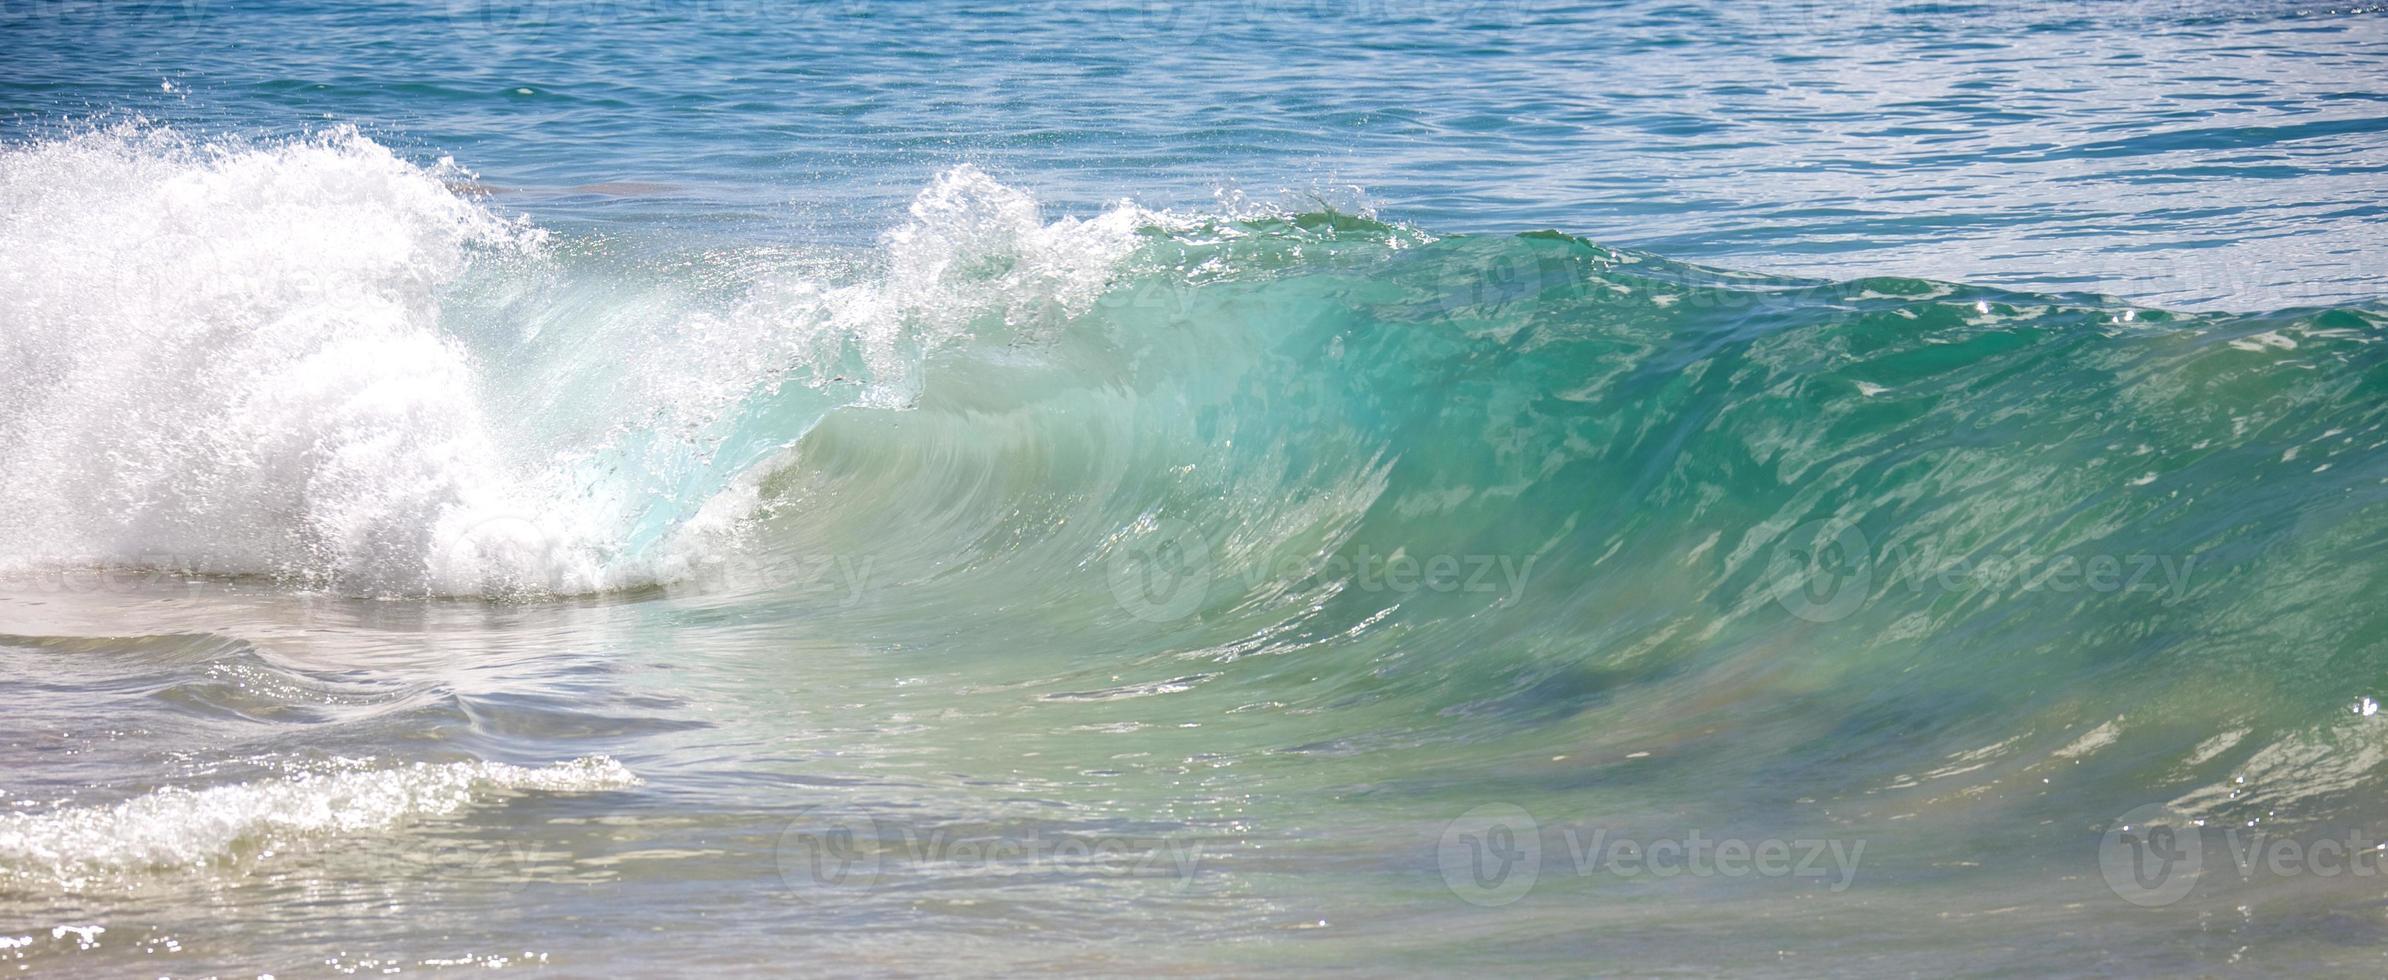 olas rompiendo en una orilla en maui hawaii foto